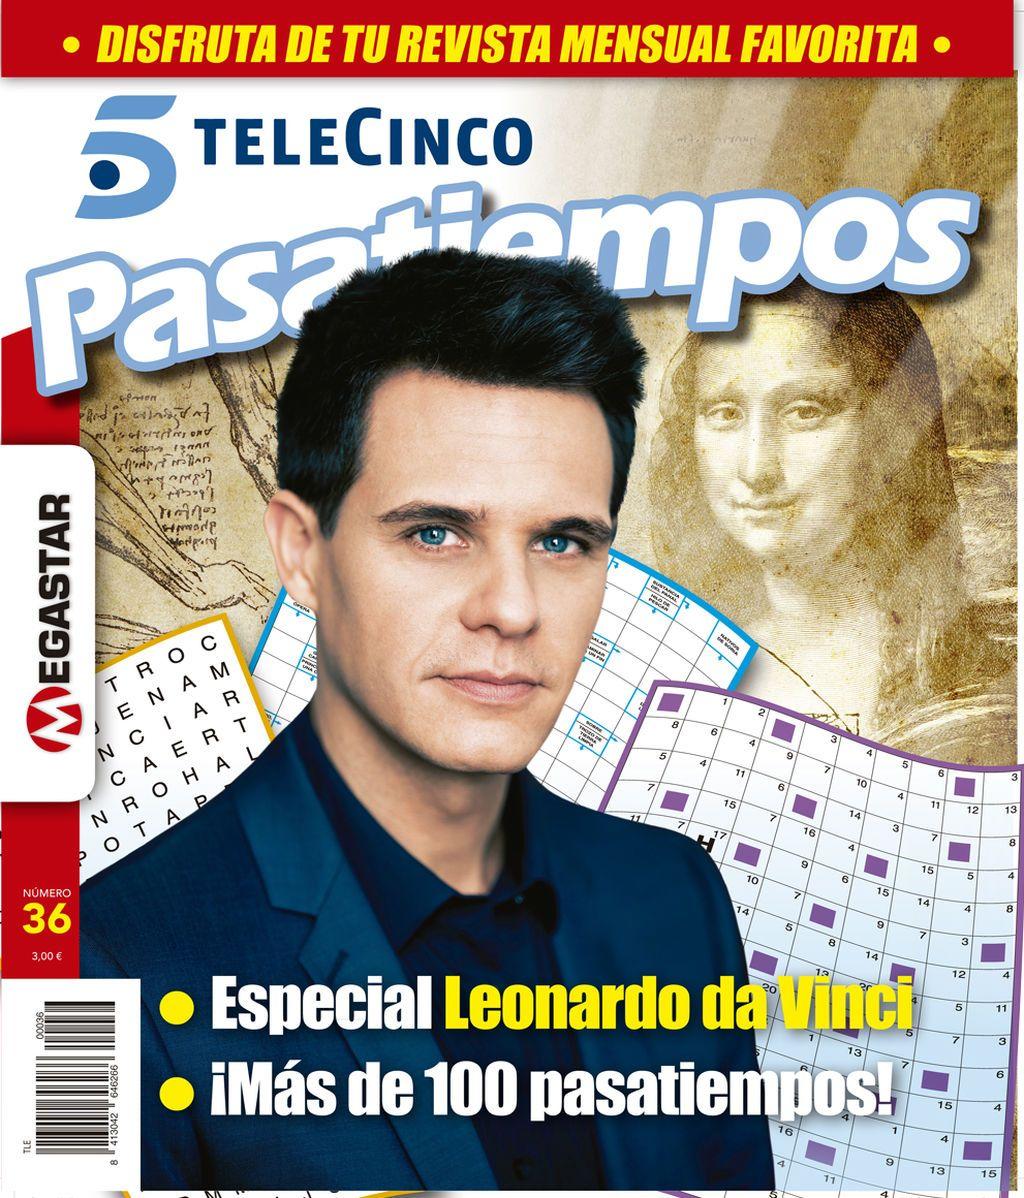 portada pasatiempos telecinco 36